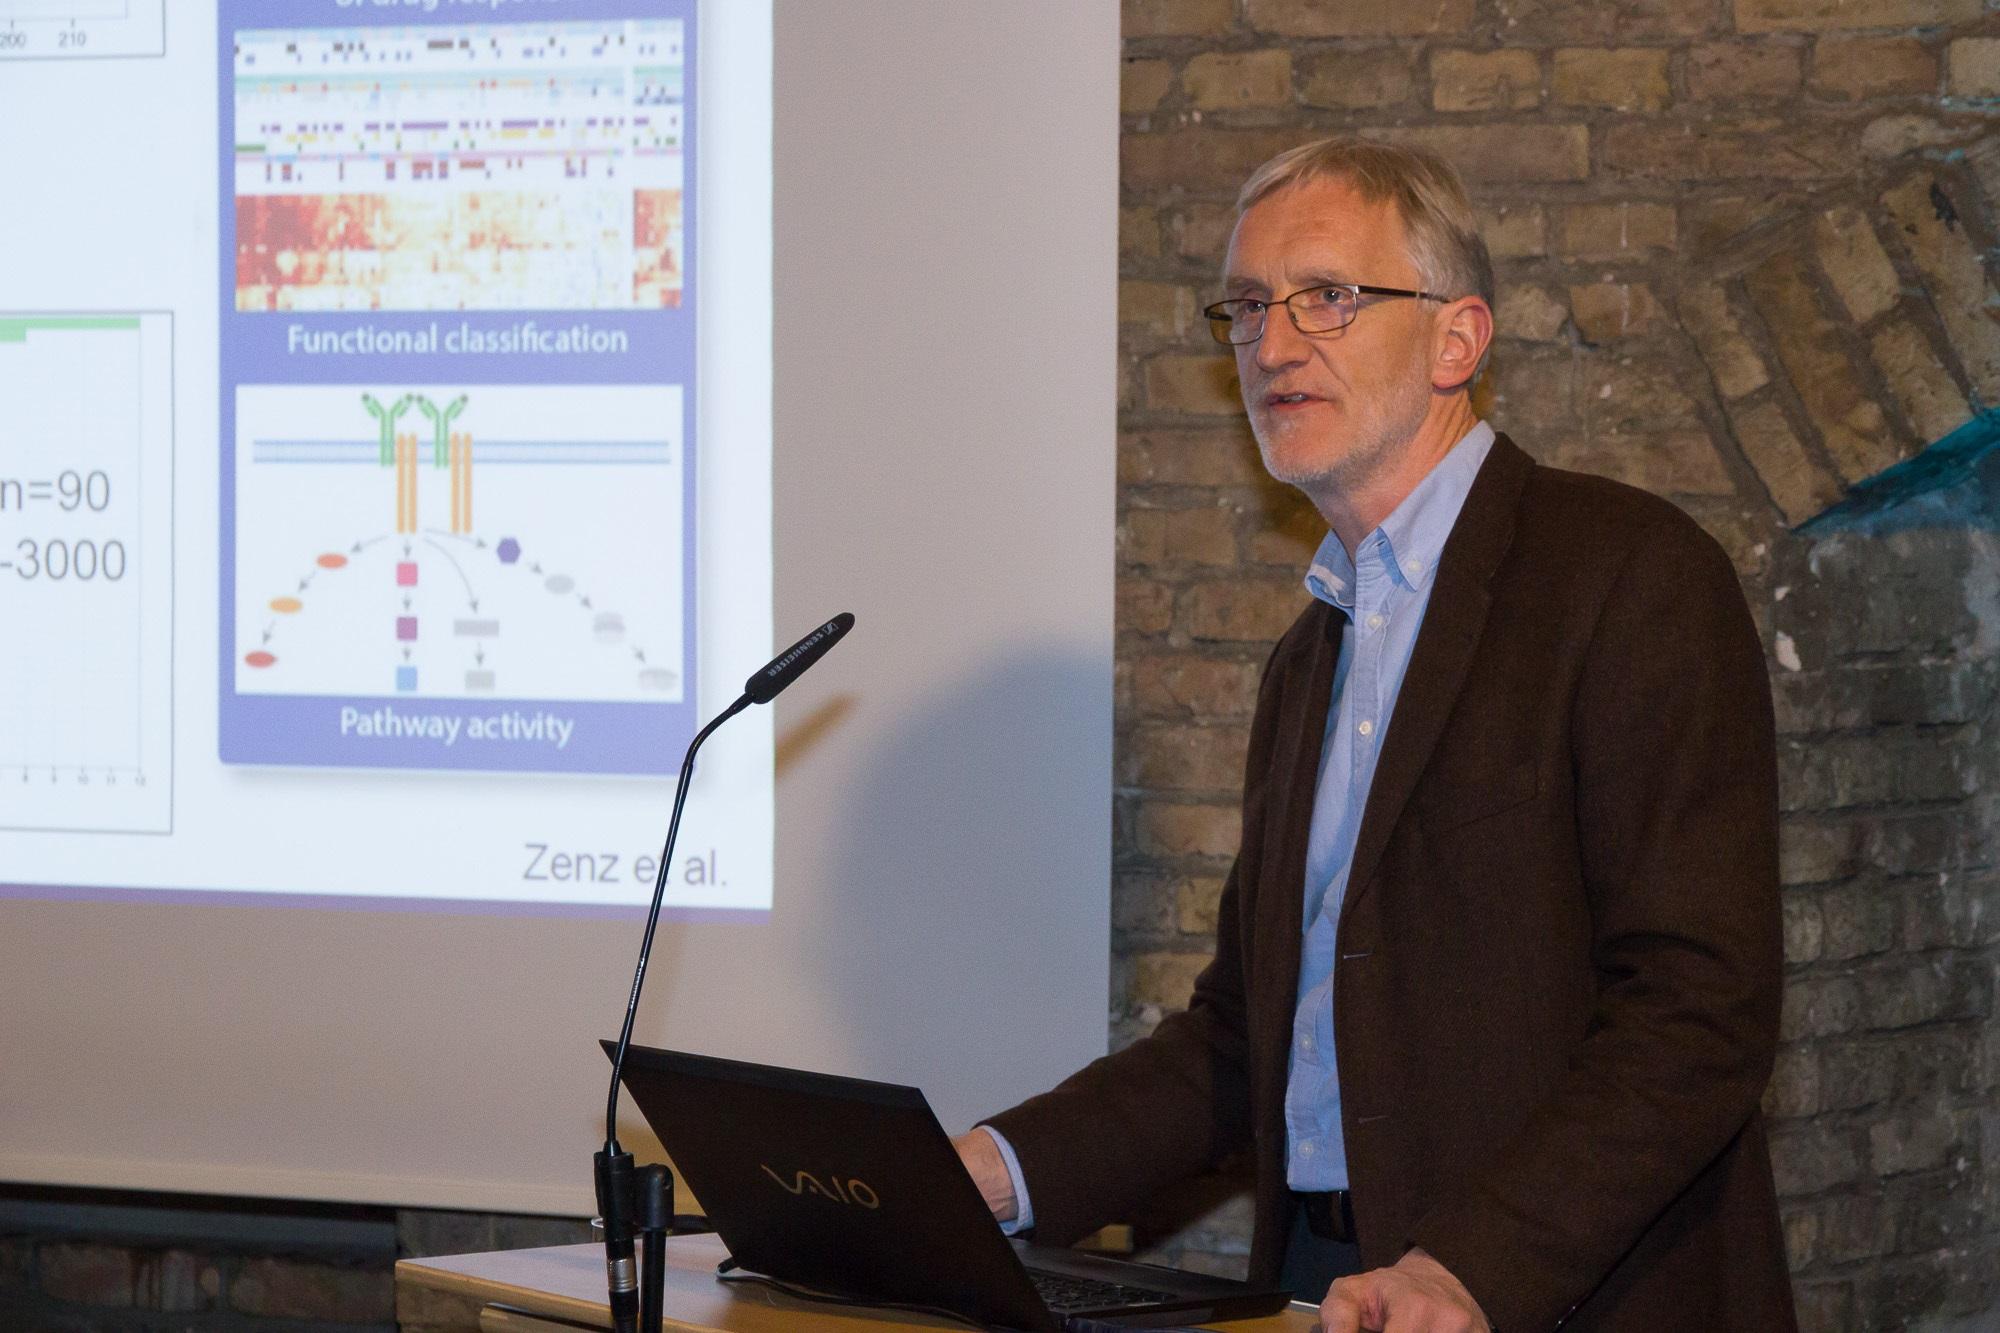 Von Kalle bei Big Data big power shifts